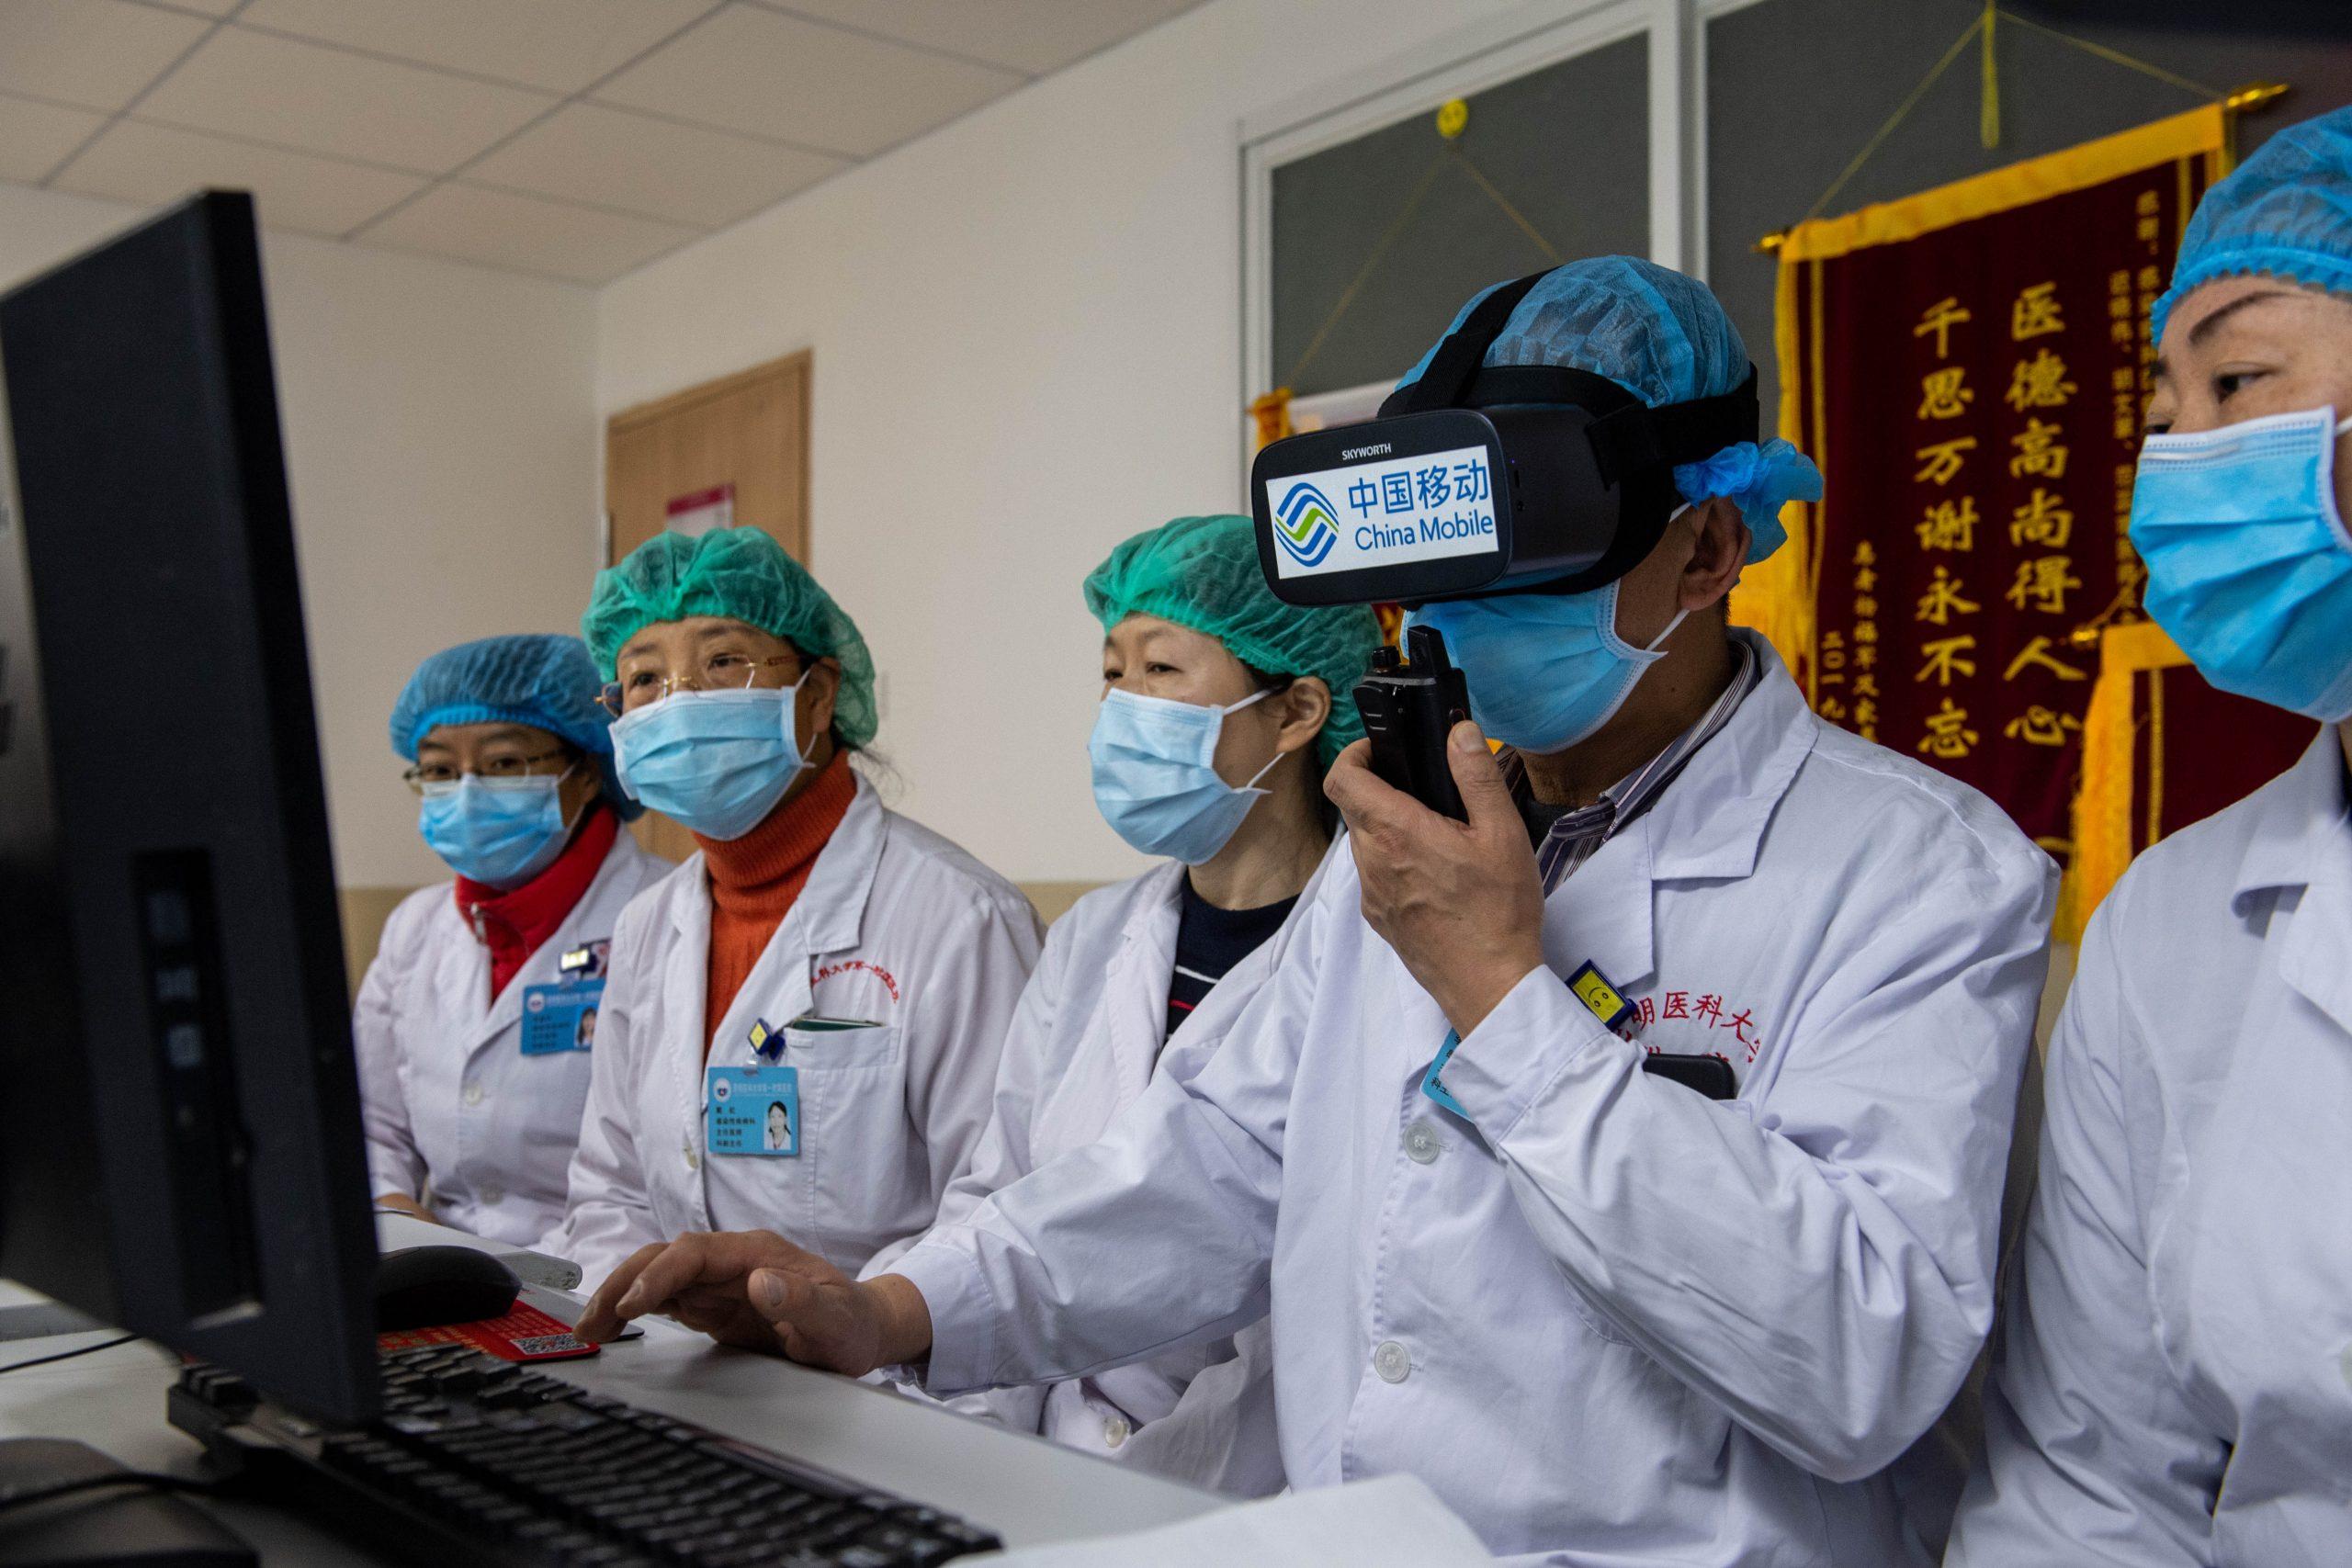 China y República de Corea fortalecerán colaboración en lucha contra pandemia y cooperación integral